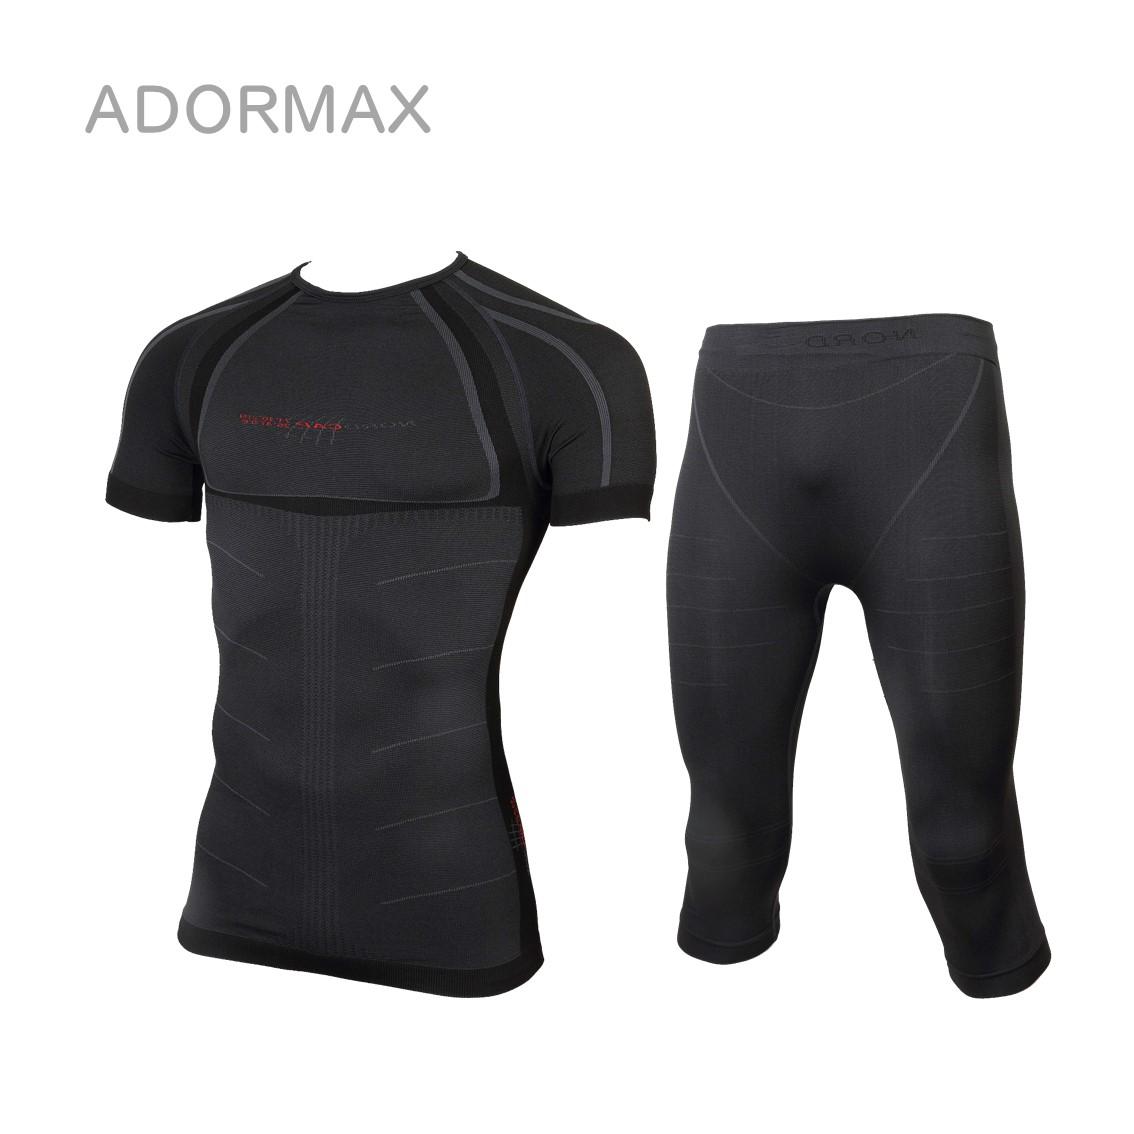 Мужские рубашки с длинным рукавом, термобелье, нижняя одежда, базовый слой